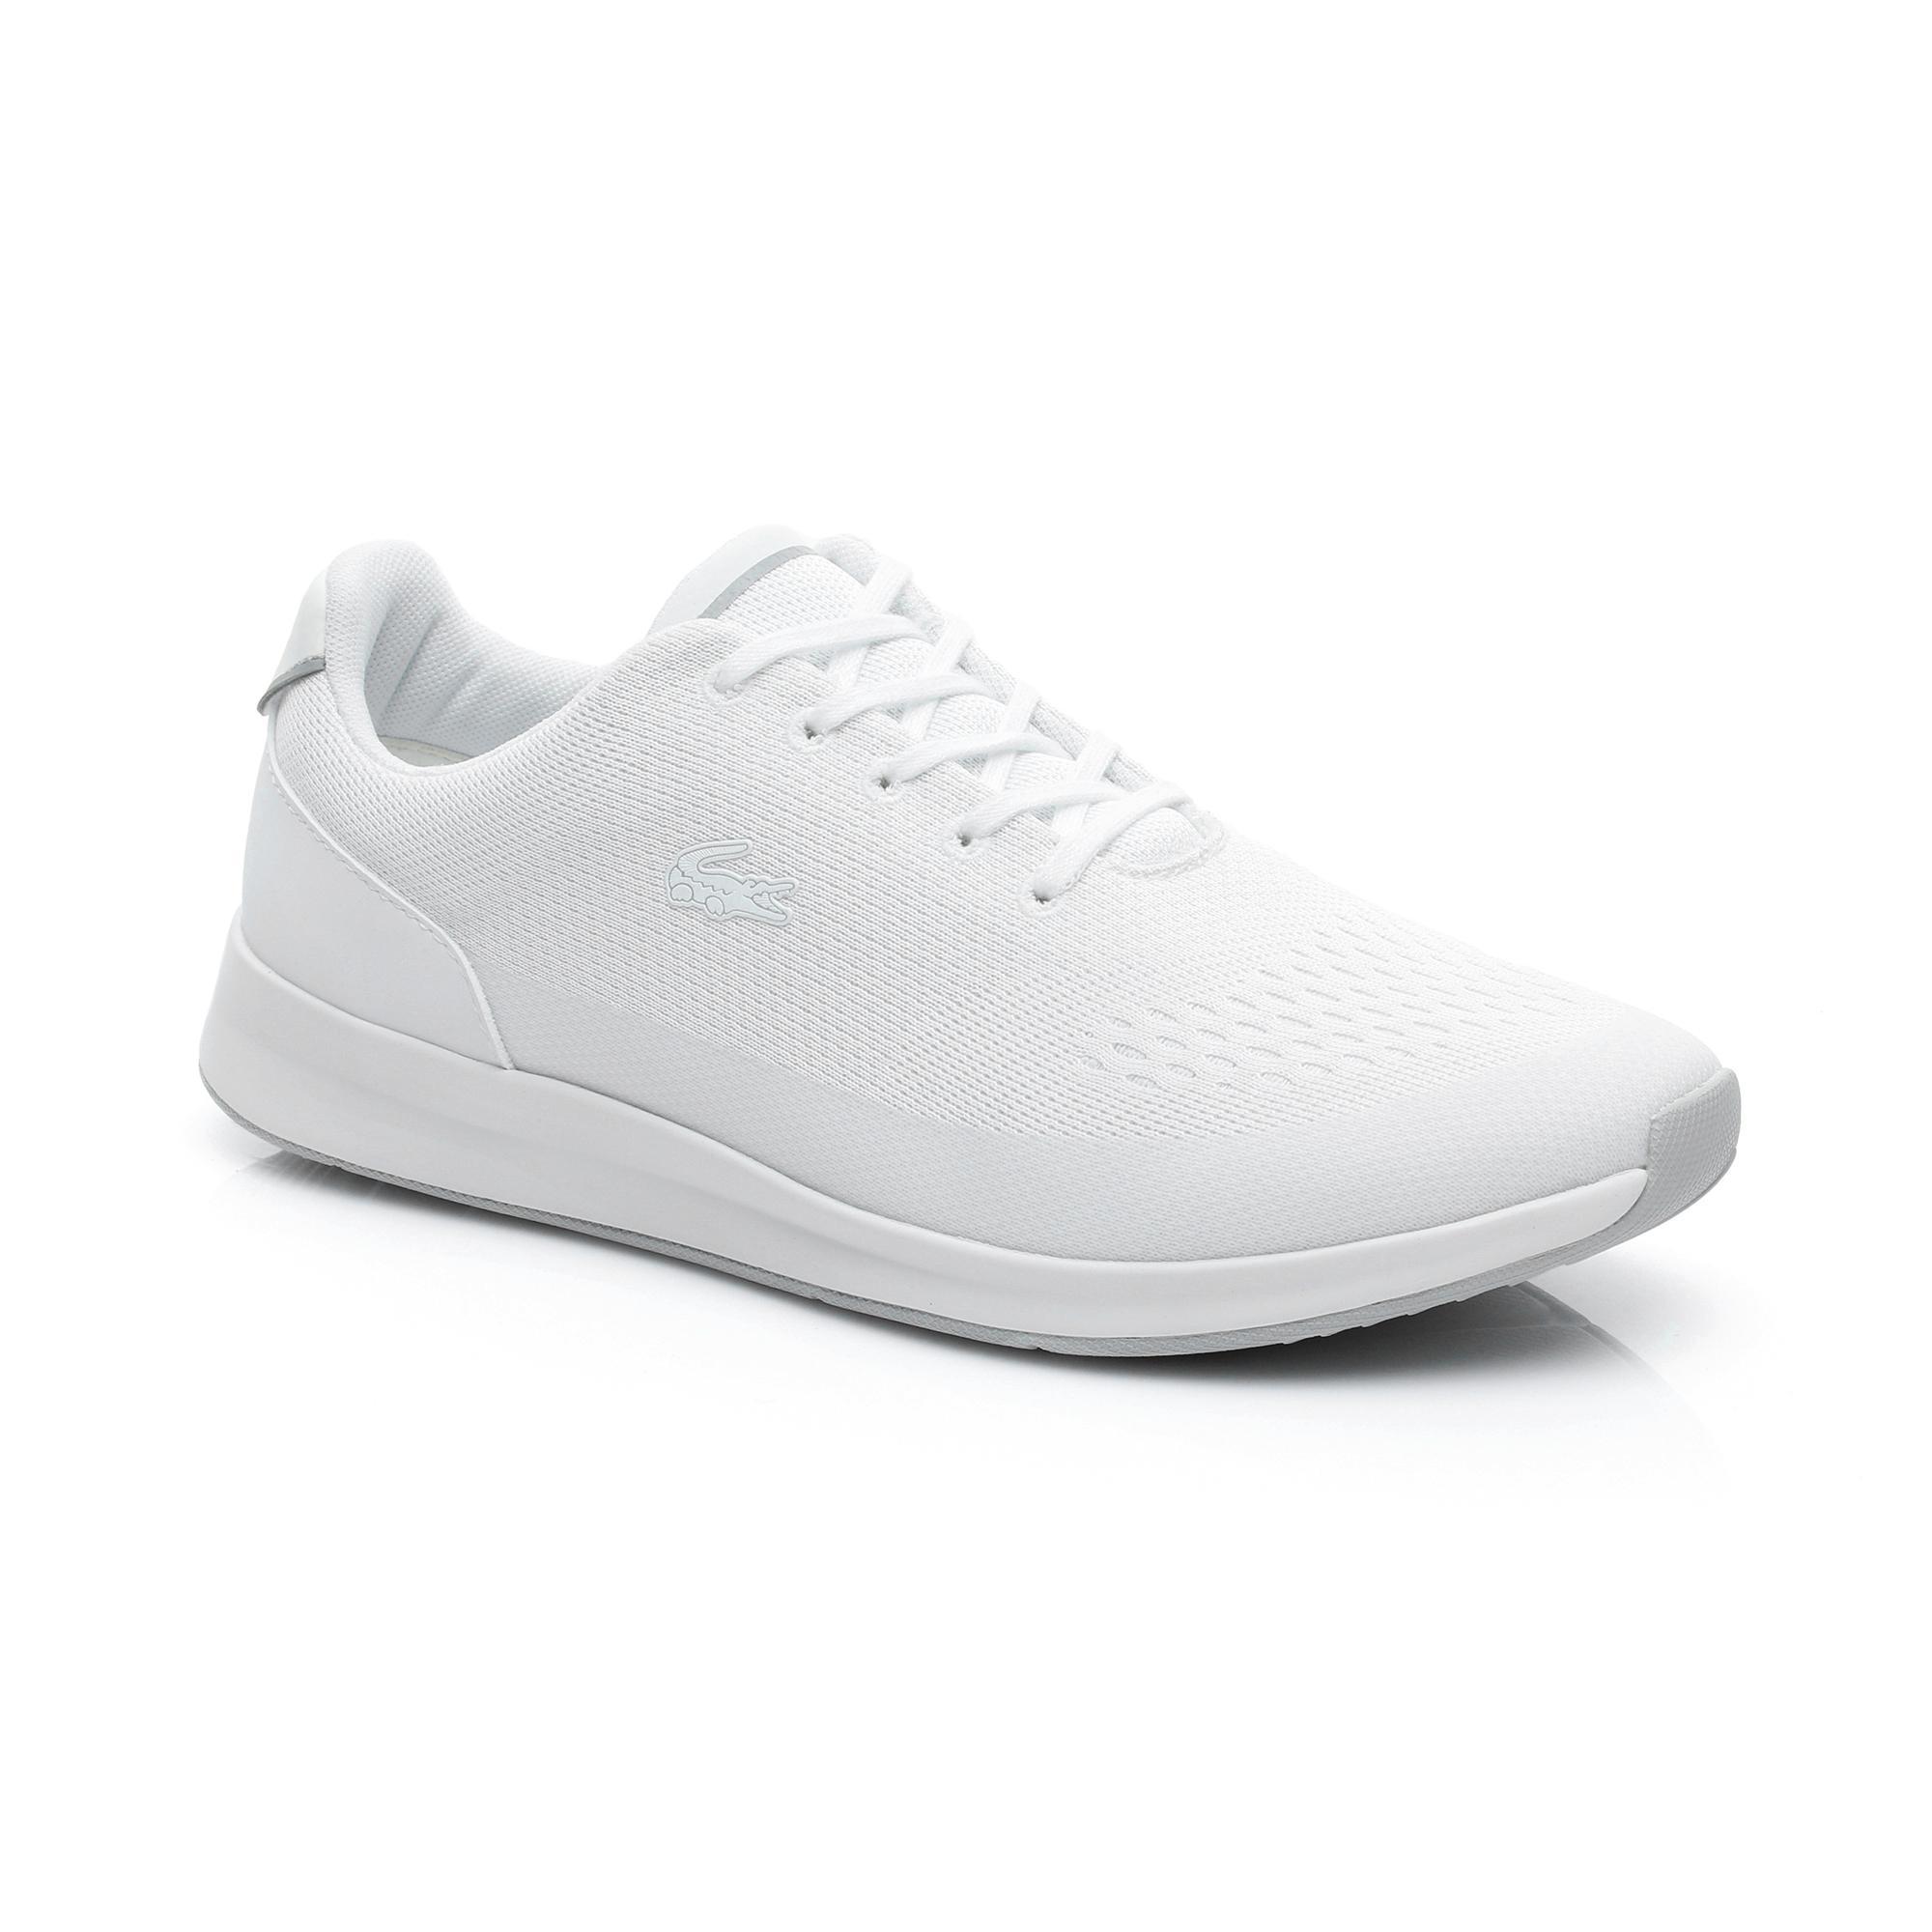 Lacoste Kadın Beyaz - Bej Chaumont 118 3 Sneaker